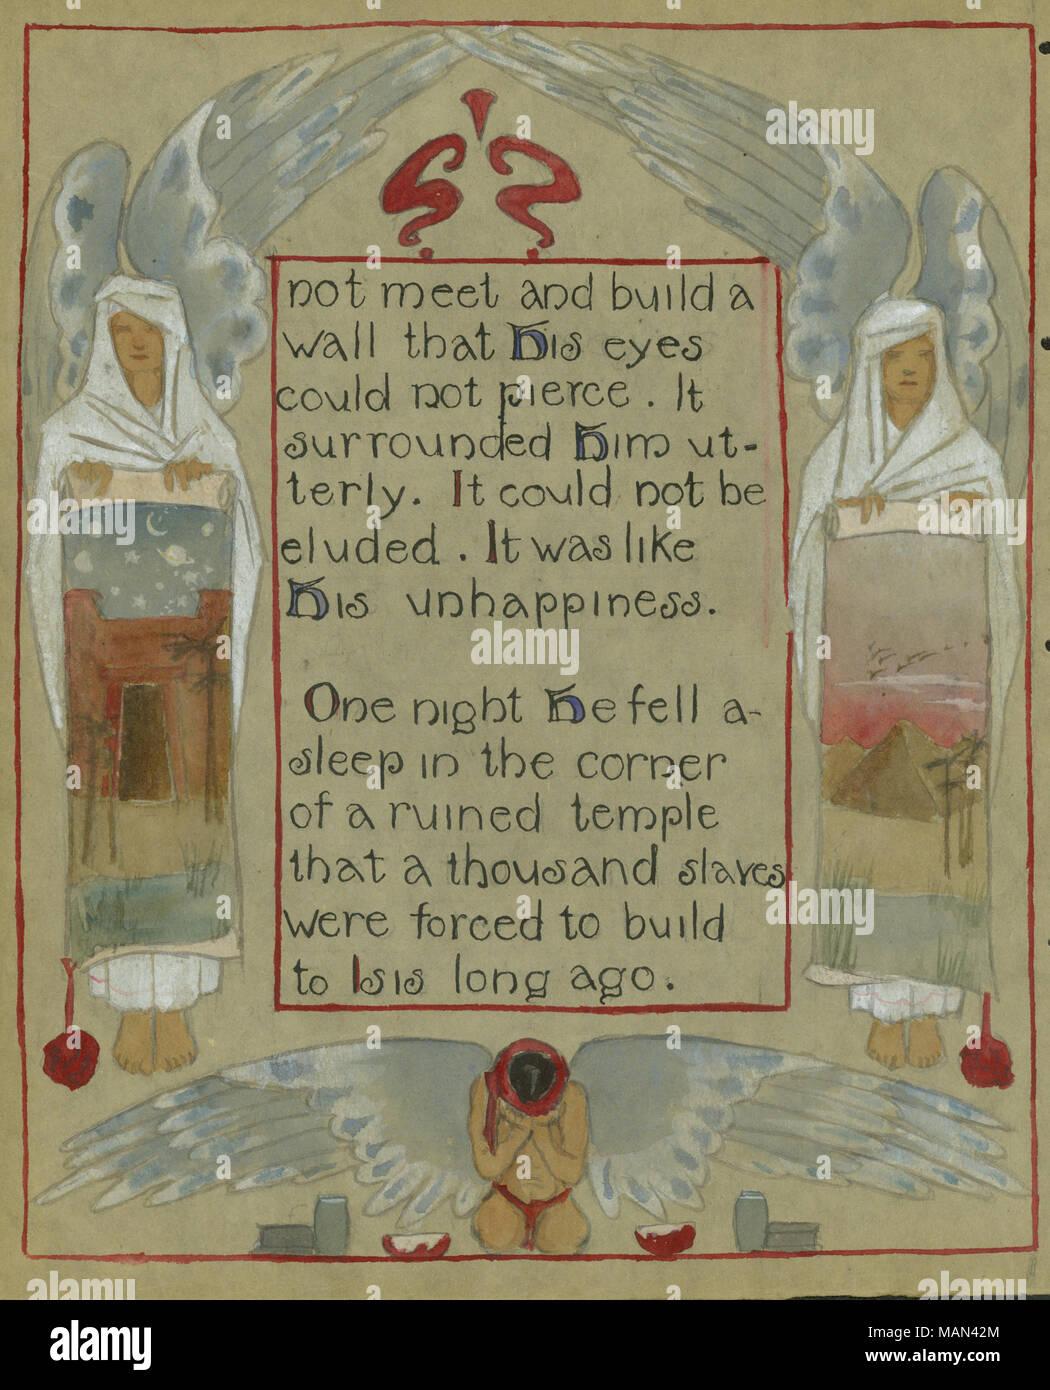 La Morte Poema De Sara Teasdale Página 4 Artista Desconocido